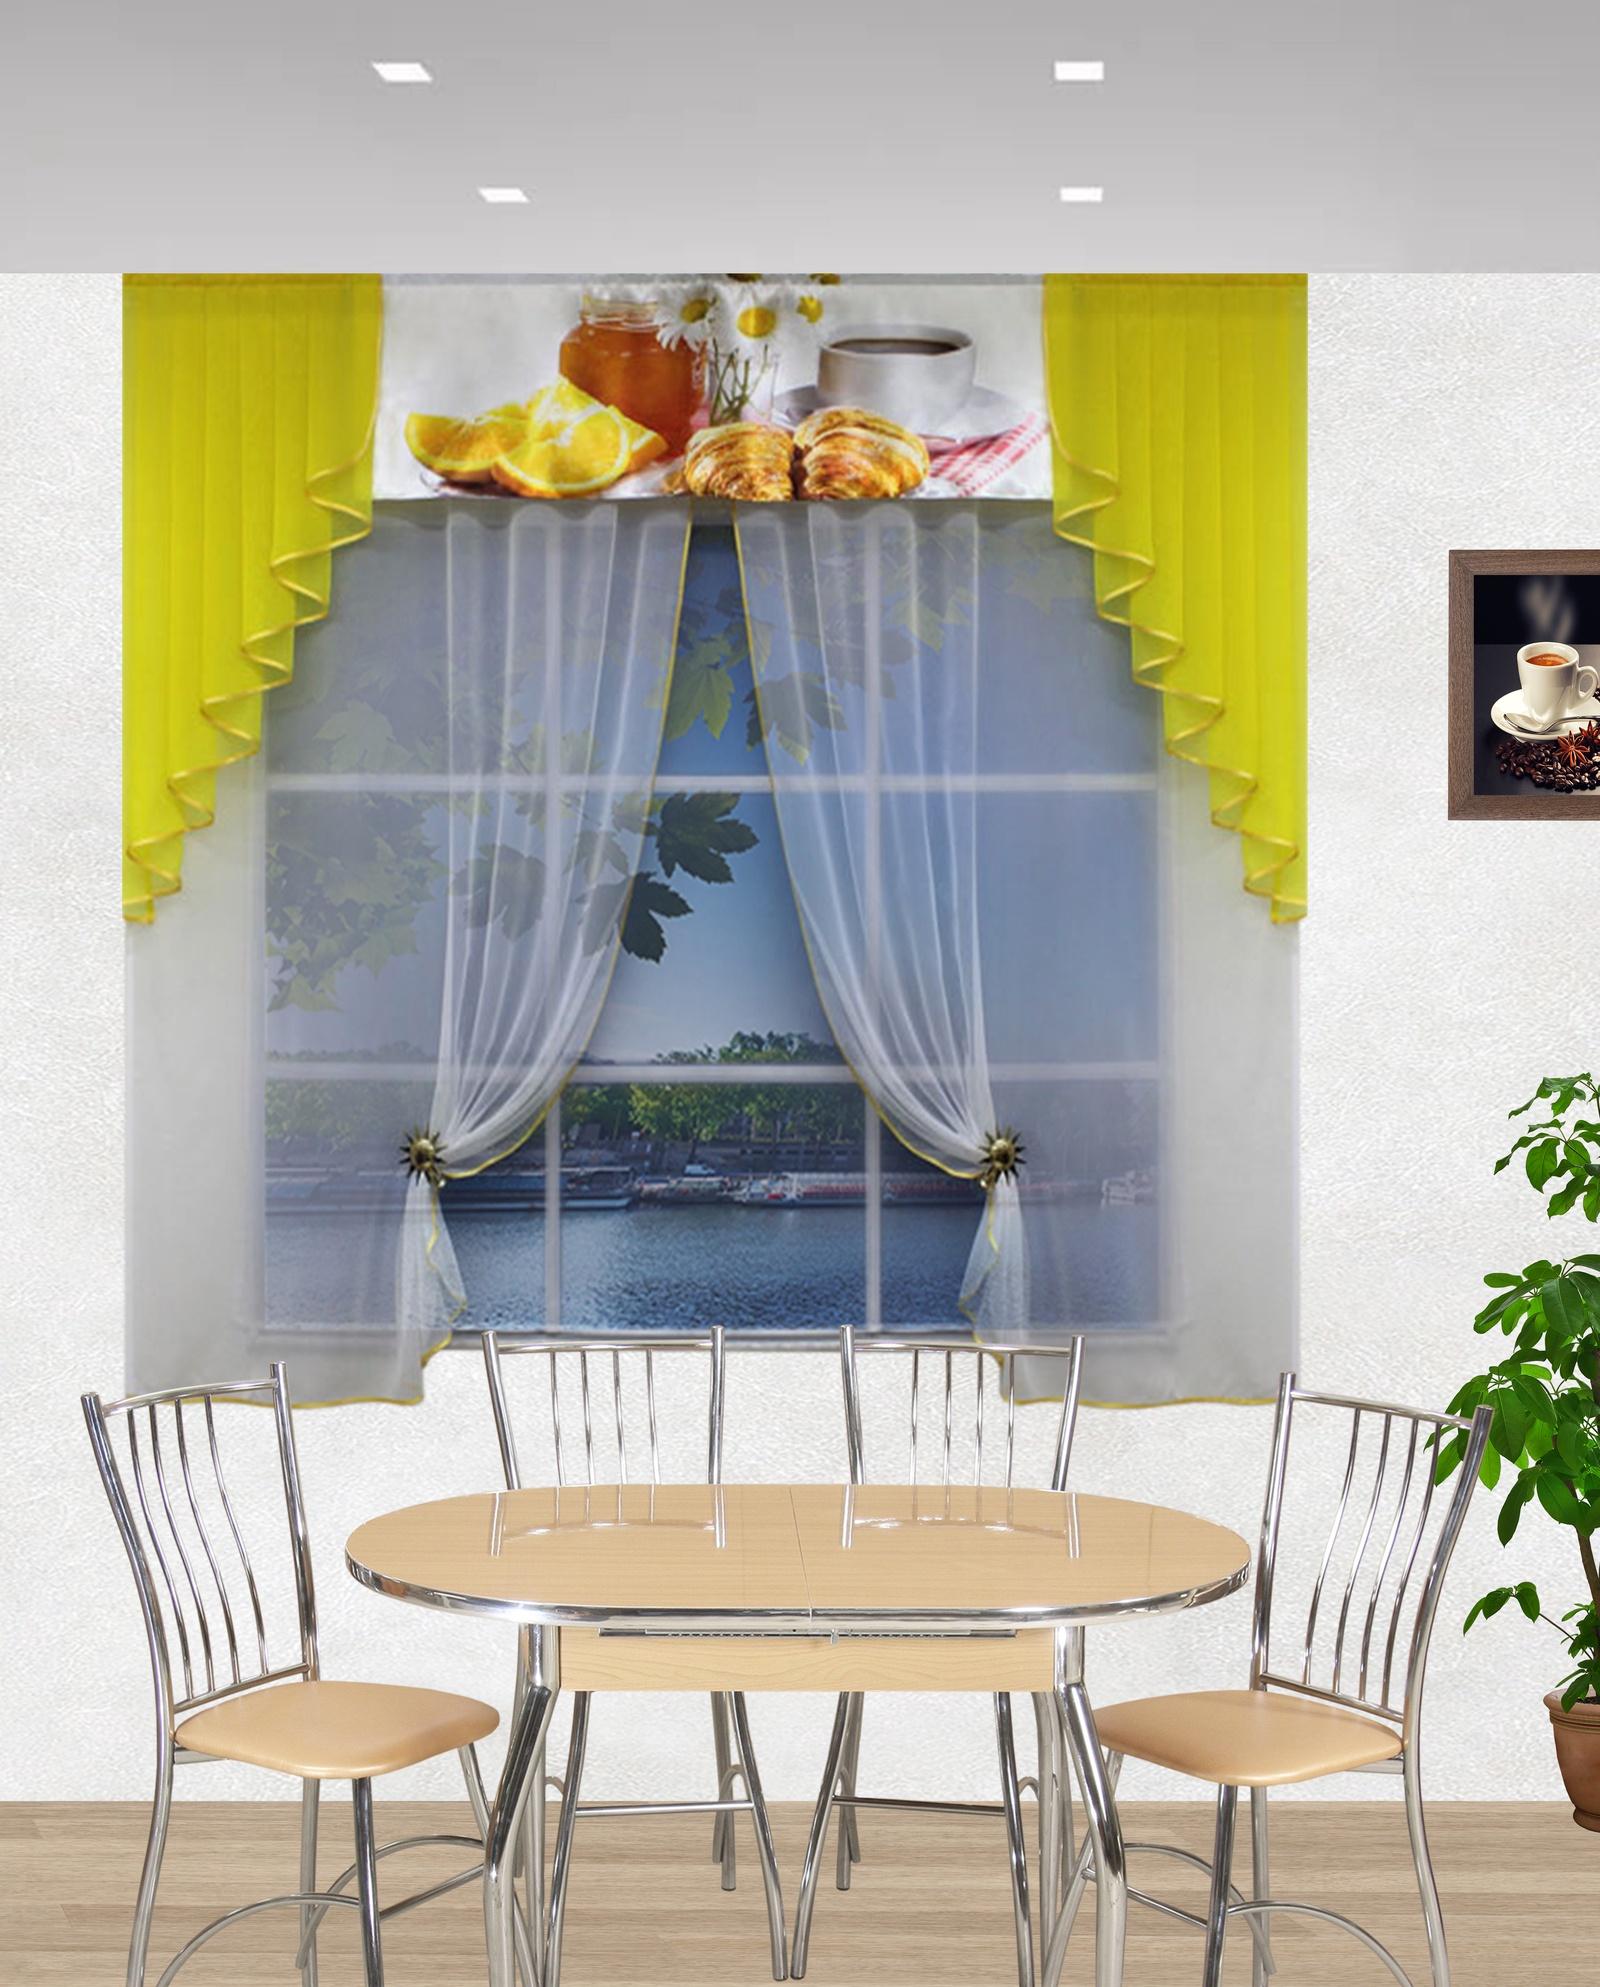 уникальное образцы штор для кухни фото только что приобрели